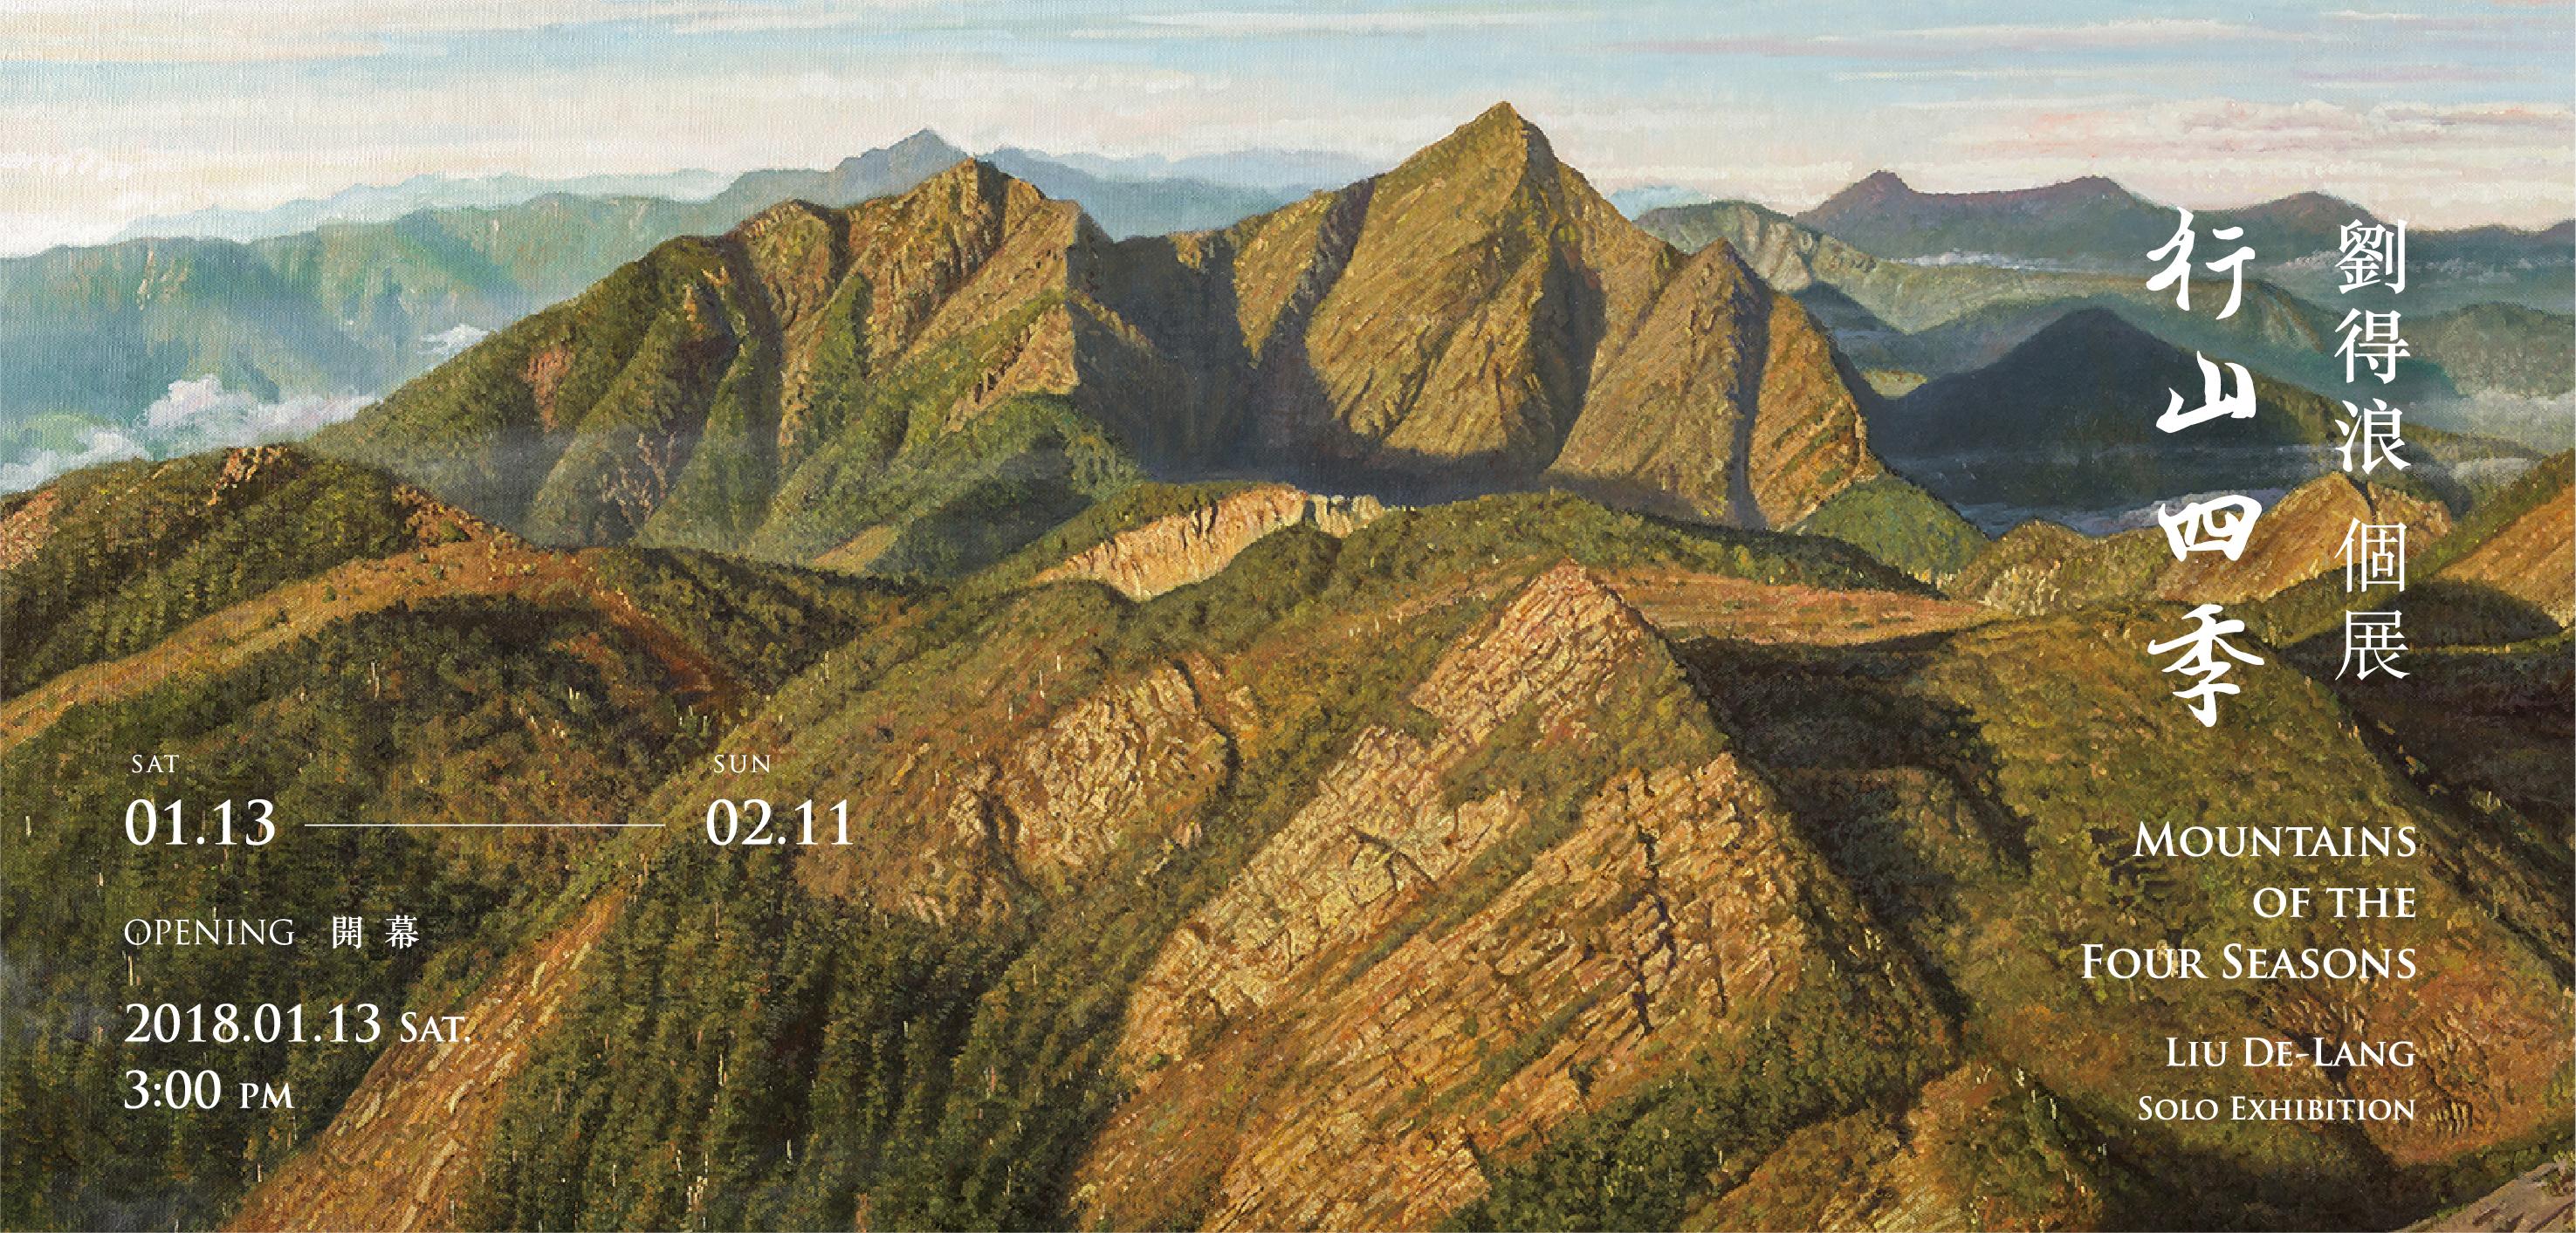 Mountains of the Four Seasons — LIU De-Lang Solo Exhibition